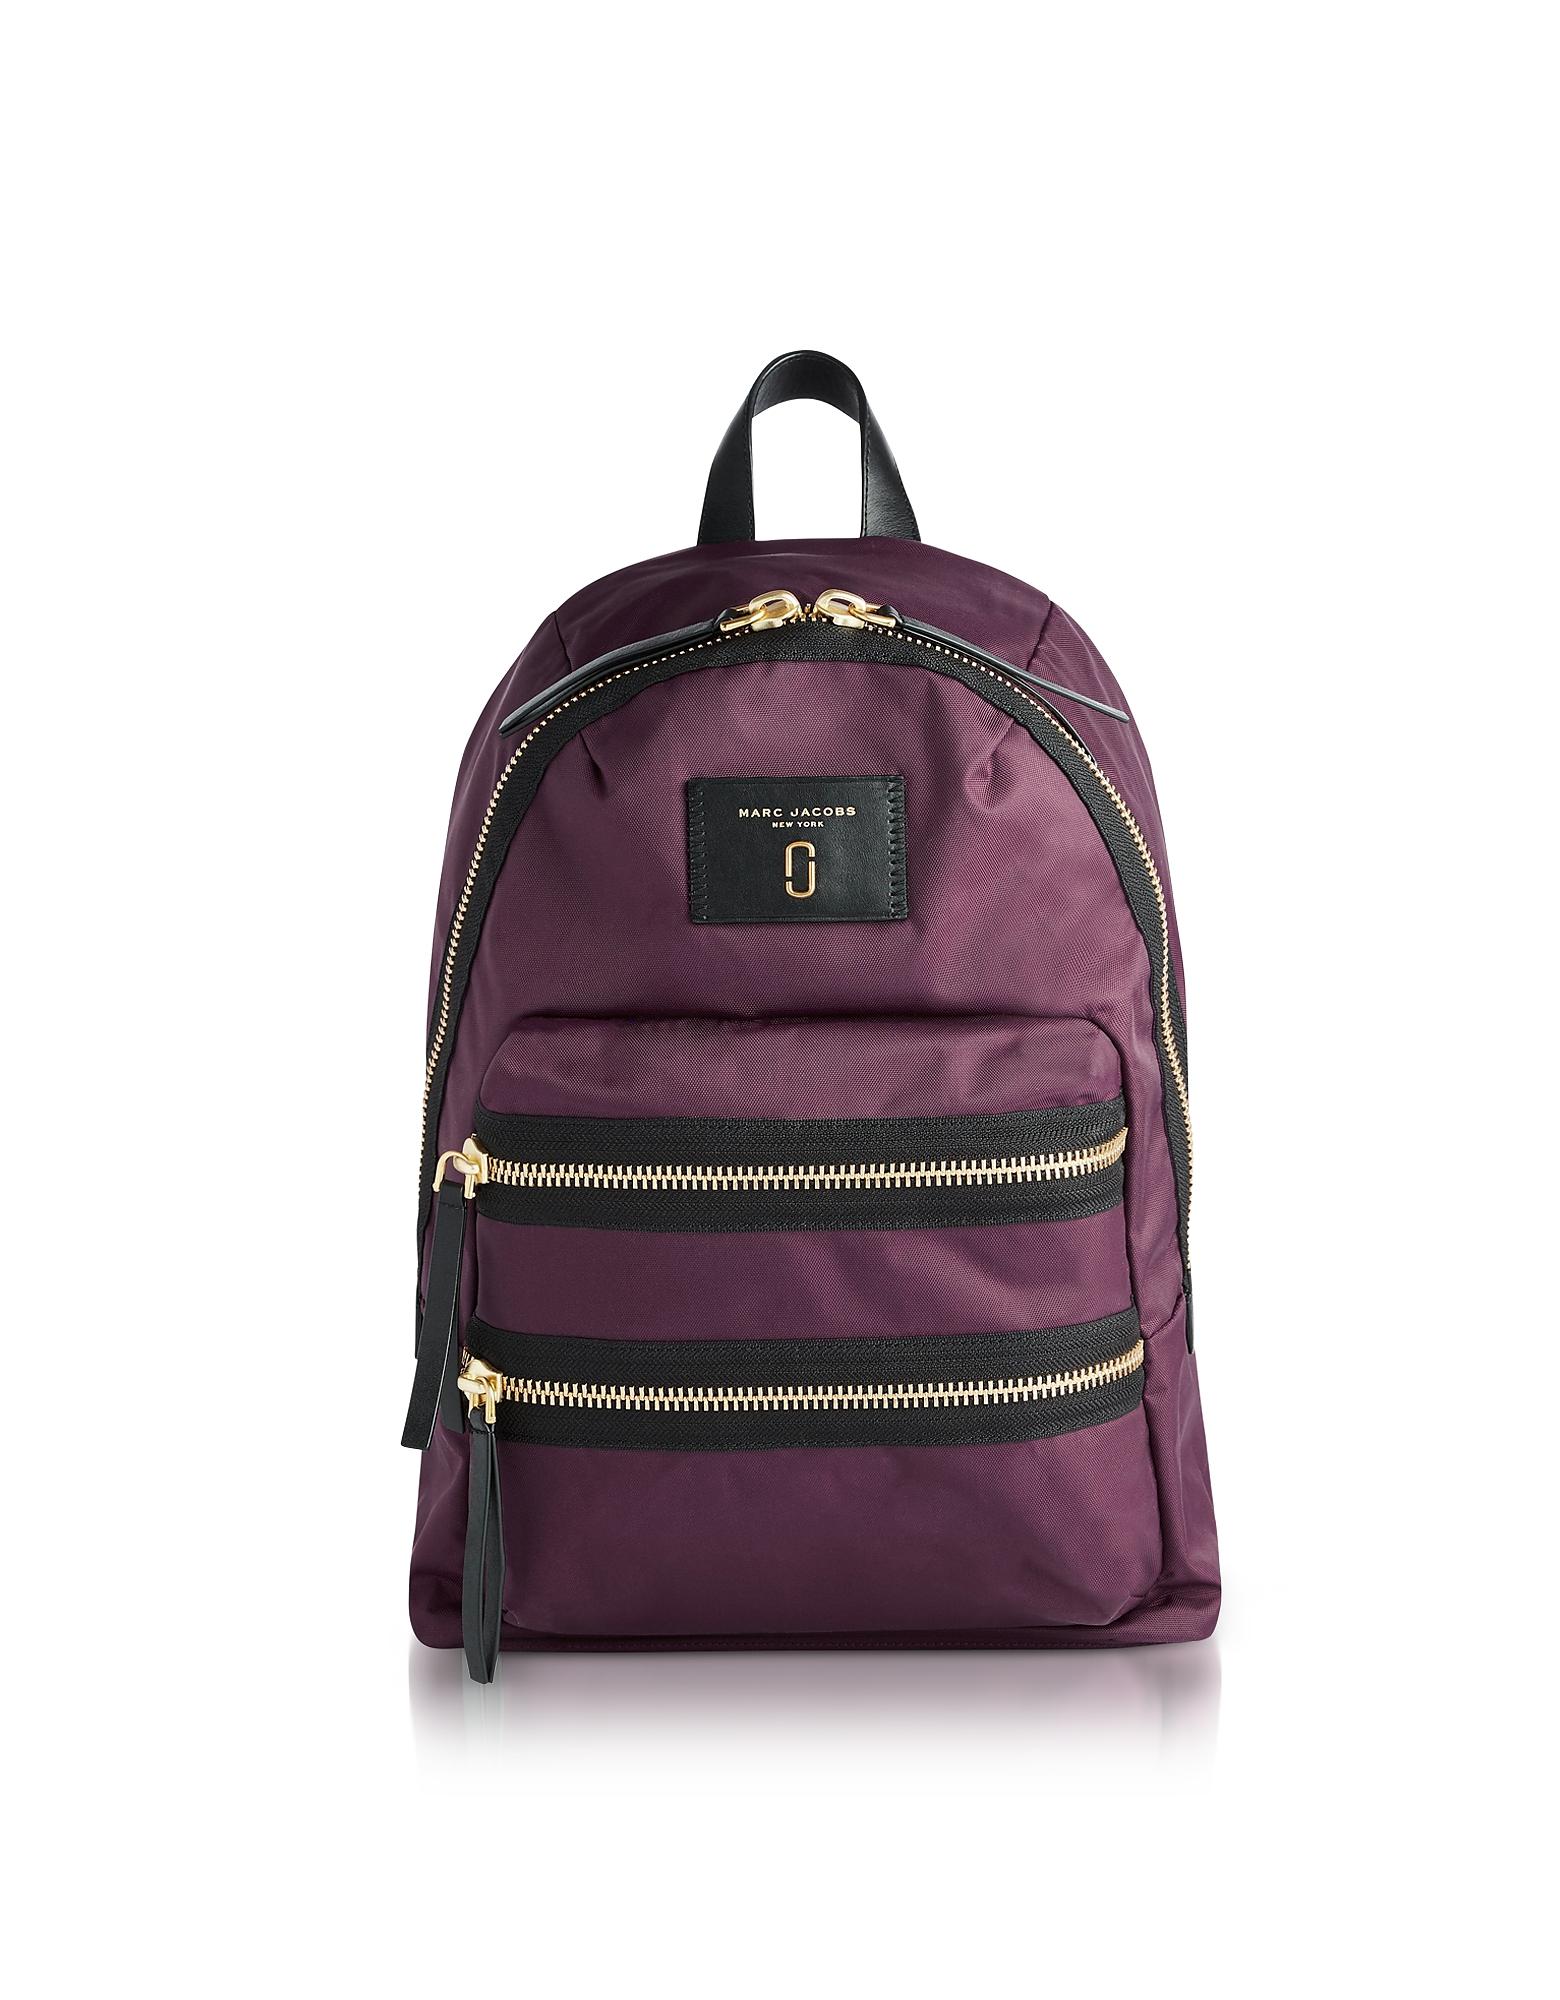 marc jacobs female marc jacobs designer handbags dark violet nylon biker mini backpack